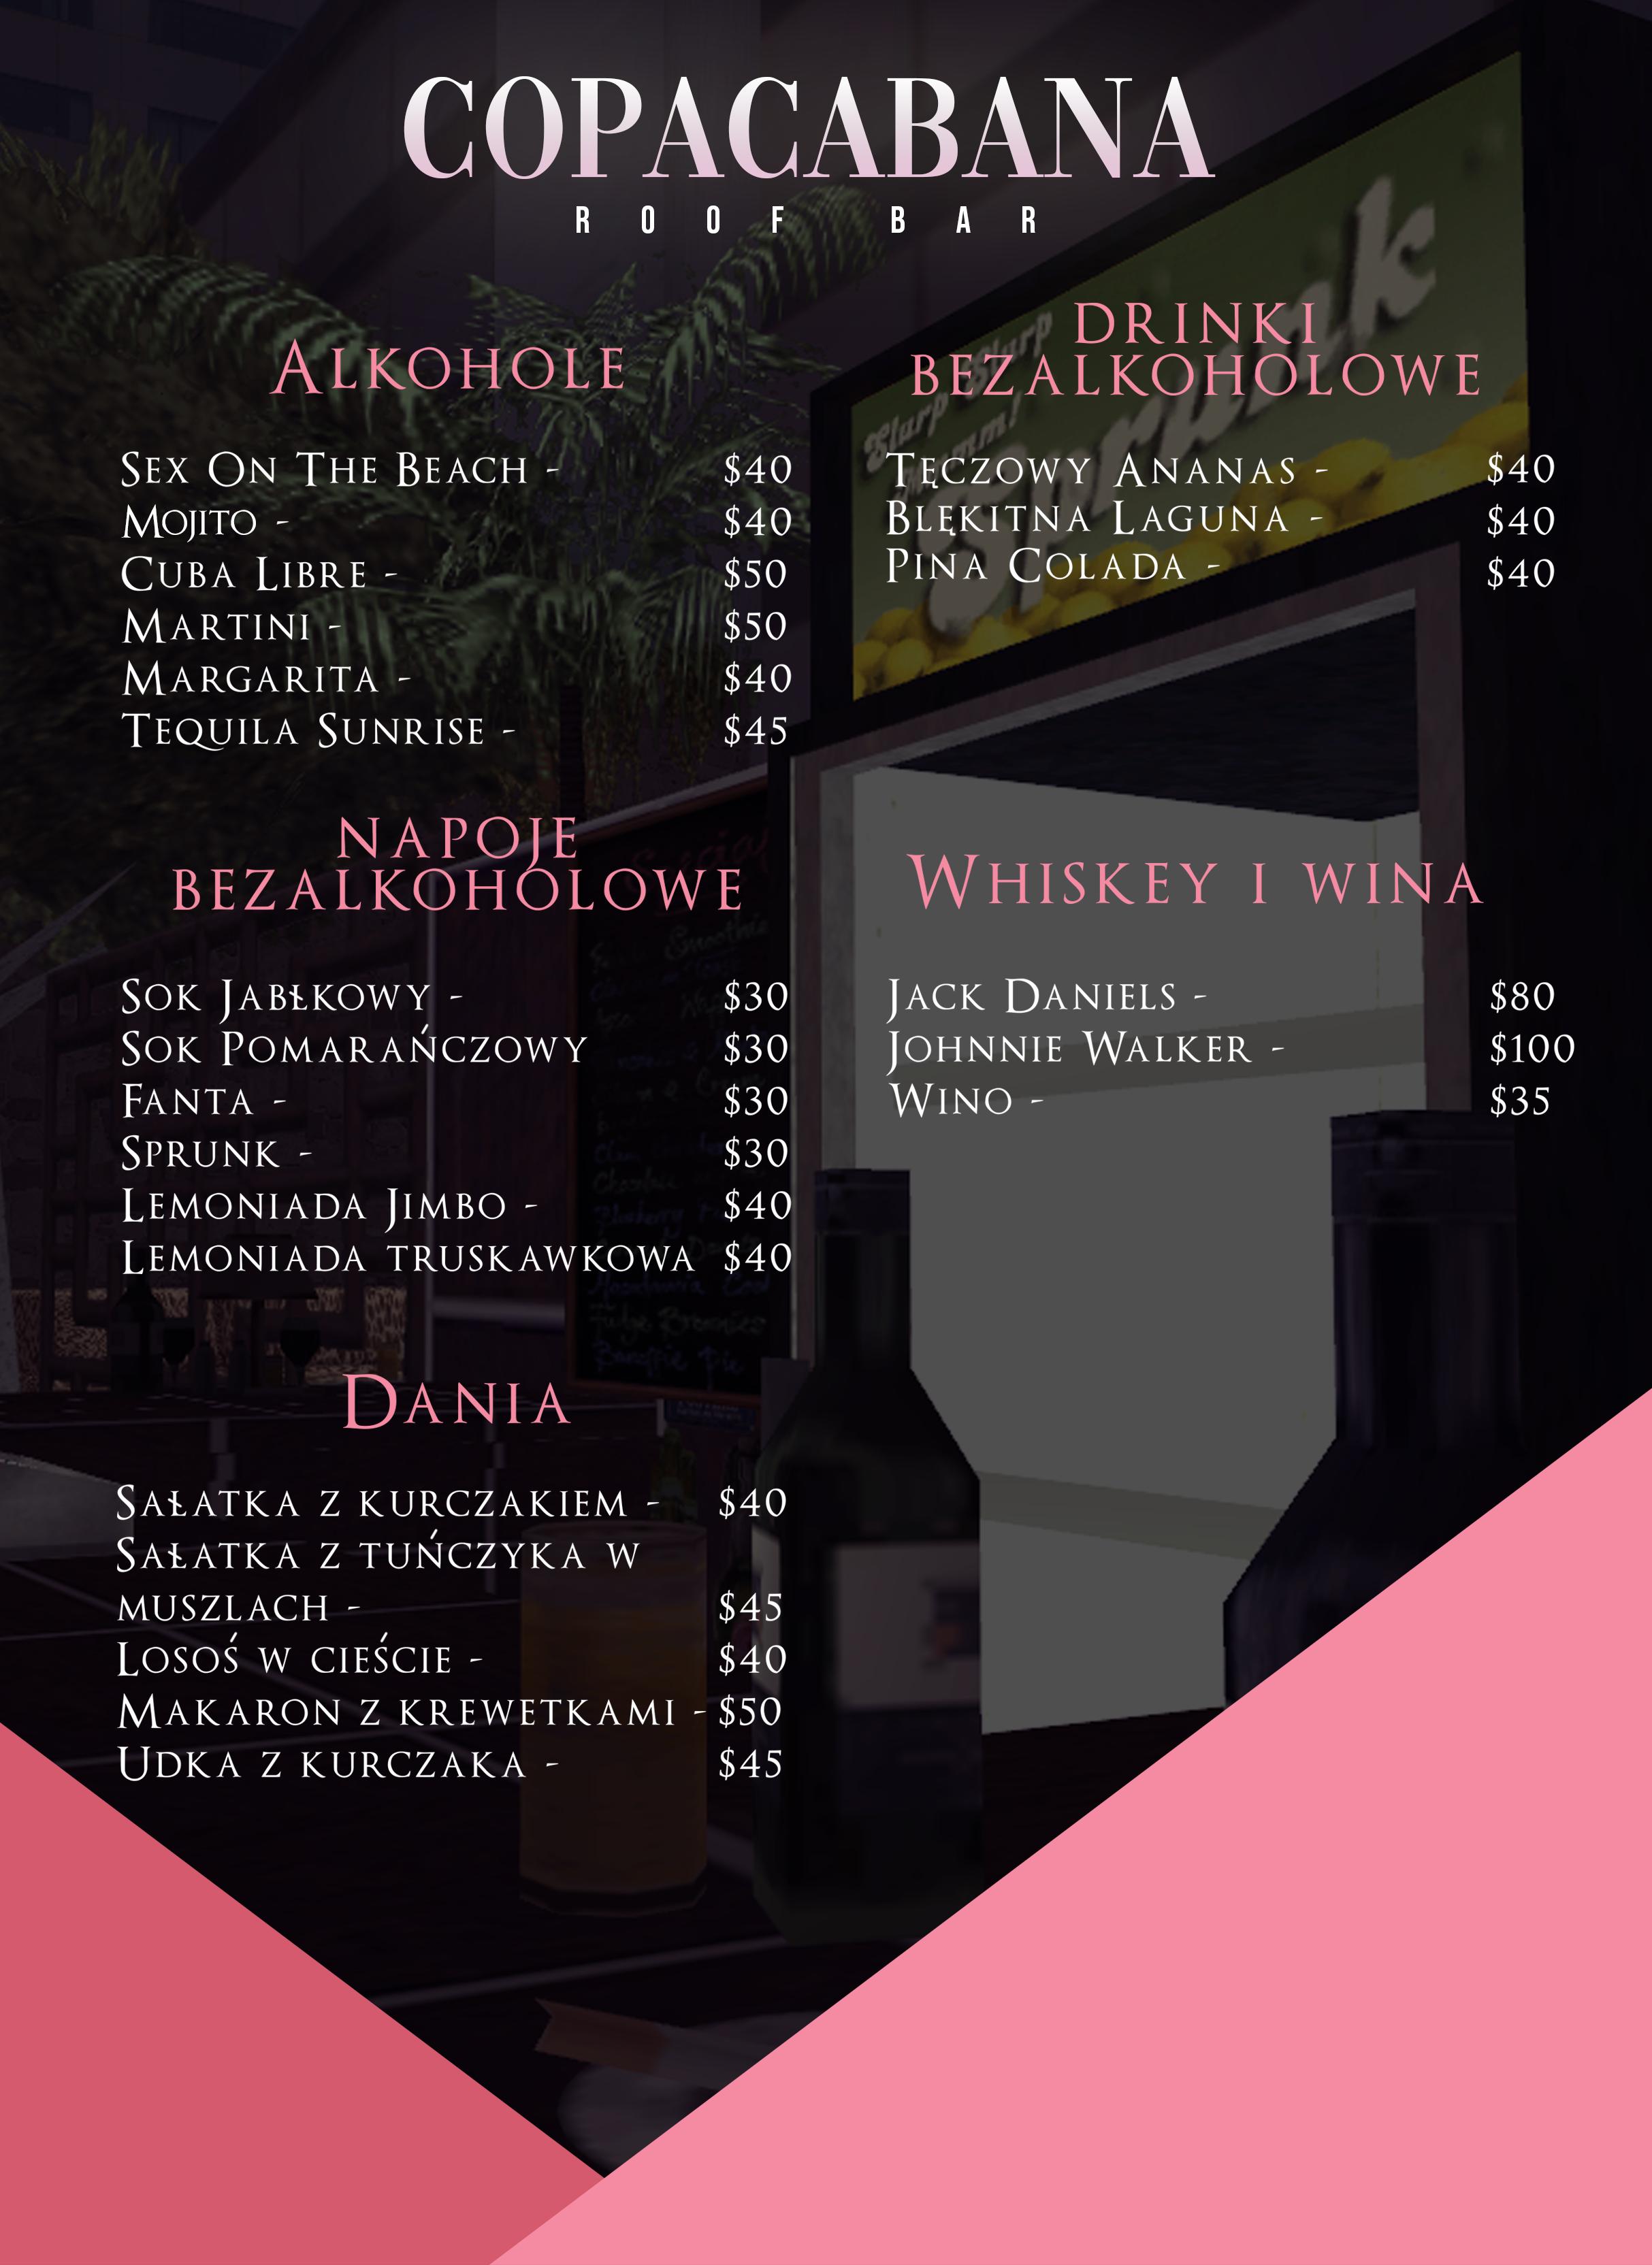 menu_poprawione.png